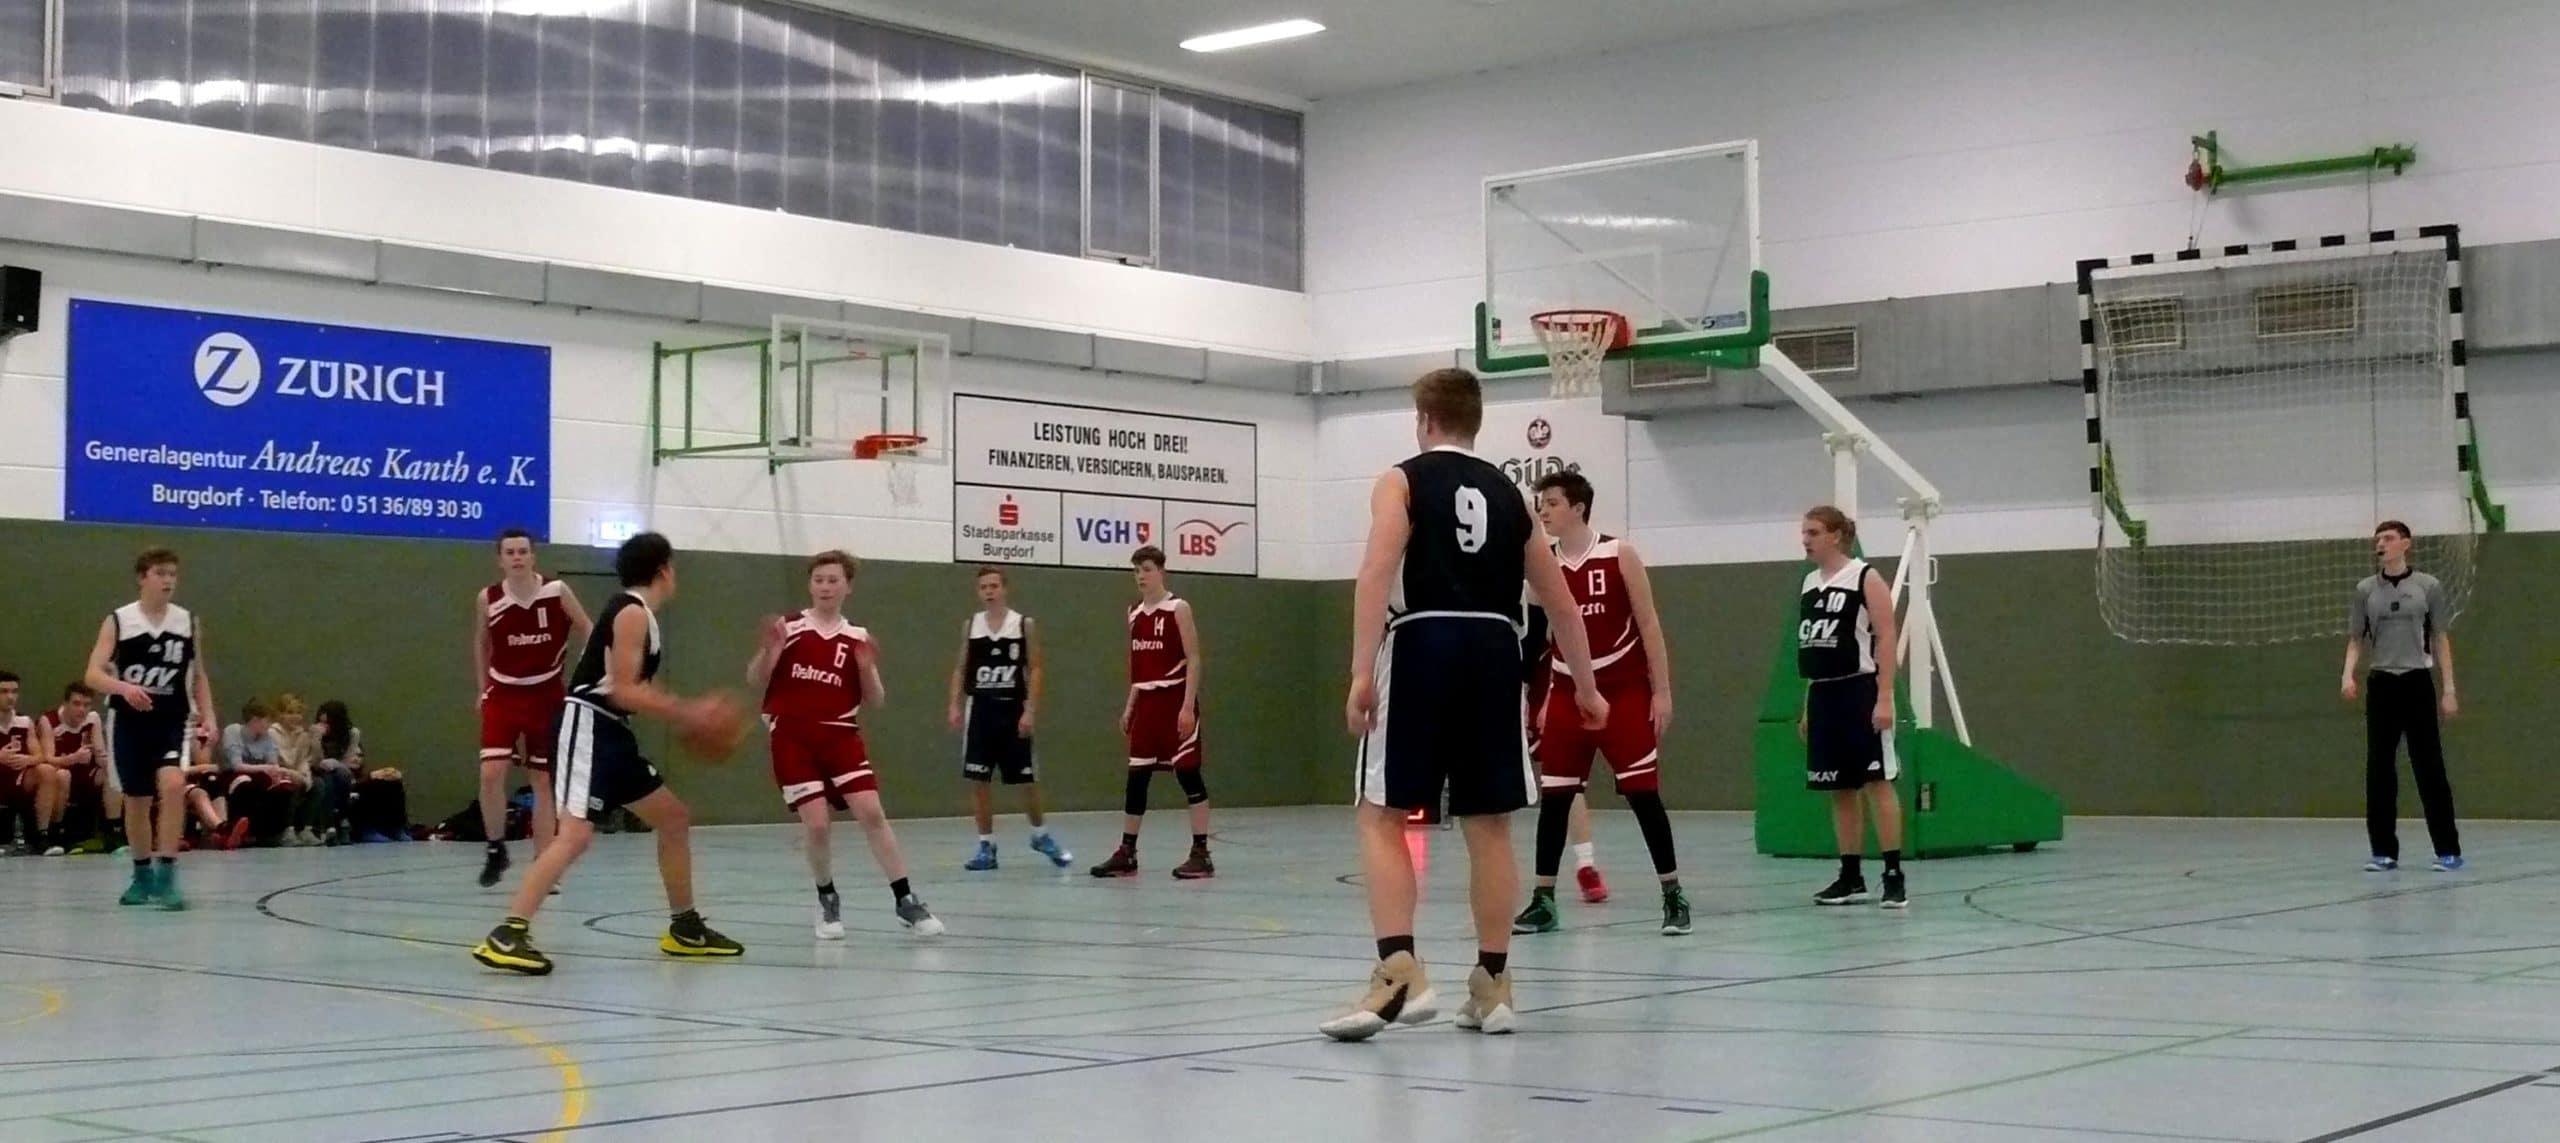 U16 mit der ersten Niederlage!